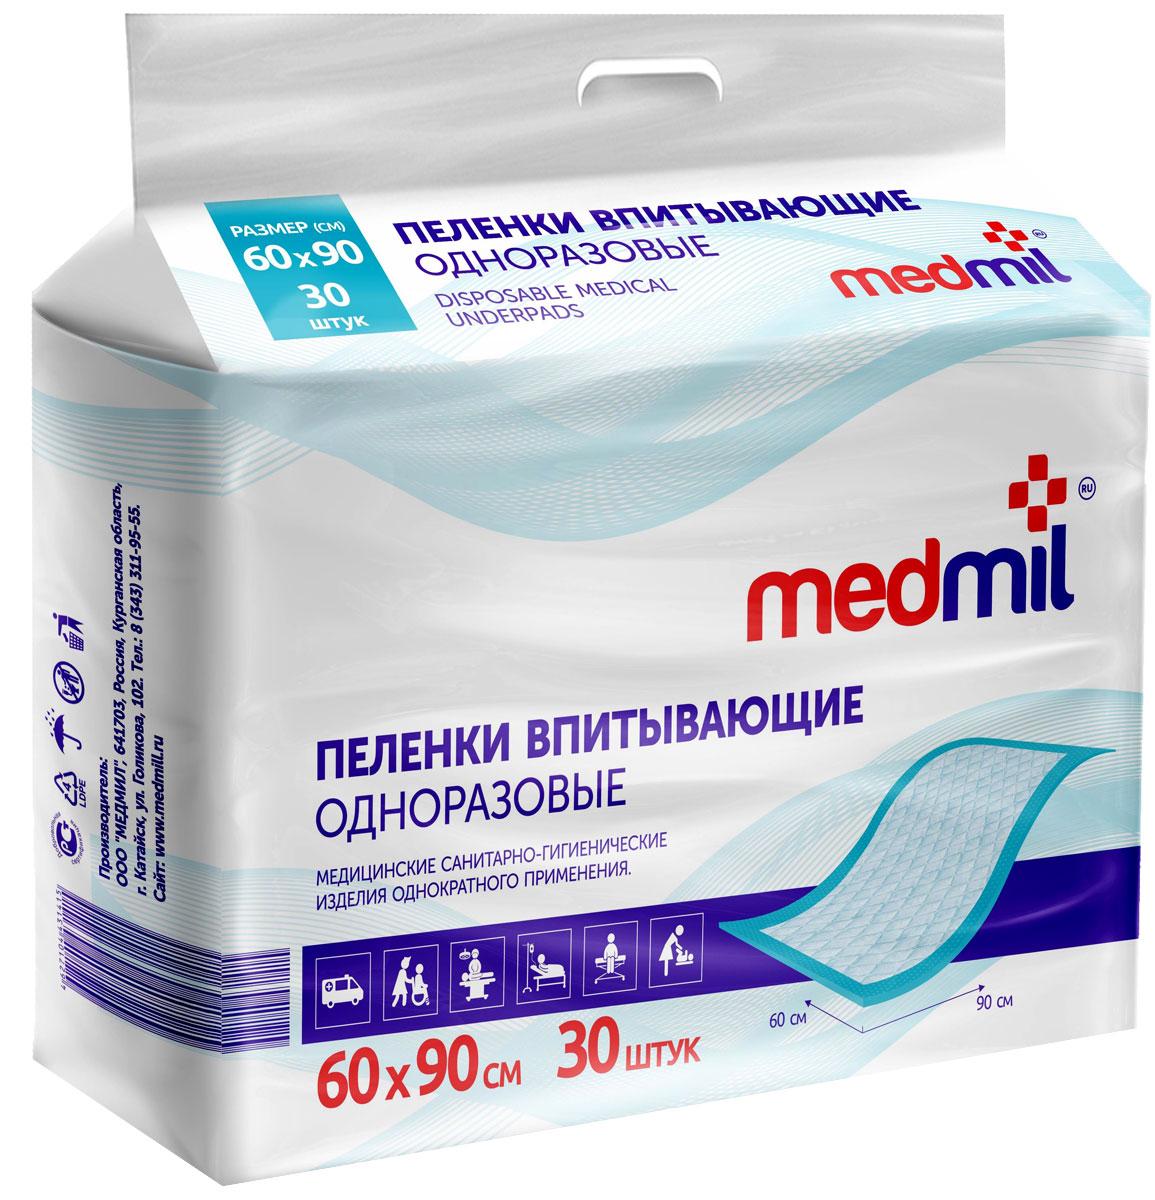 Пеленка впитывающая одноразовая Medmil Оптима 60 х 90 см, 30 шт90 МО П2 30 Г 120Пелёнки защищают постельное бельё от промокания, а кожу пациента от мацераций и пролежней. Облегчают уход, повышают комфорт для пациента. Пелёнки Медмил не уступают лучшим импортным аналогам.